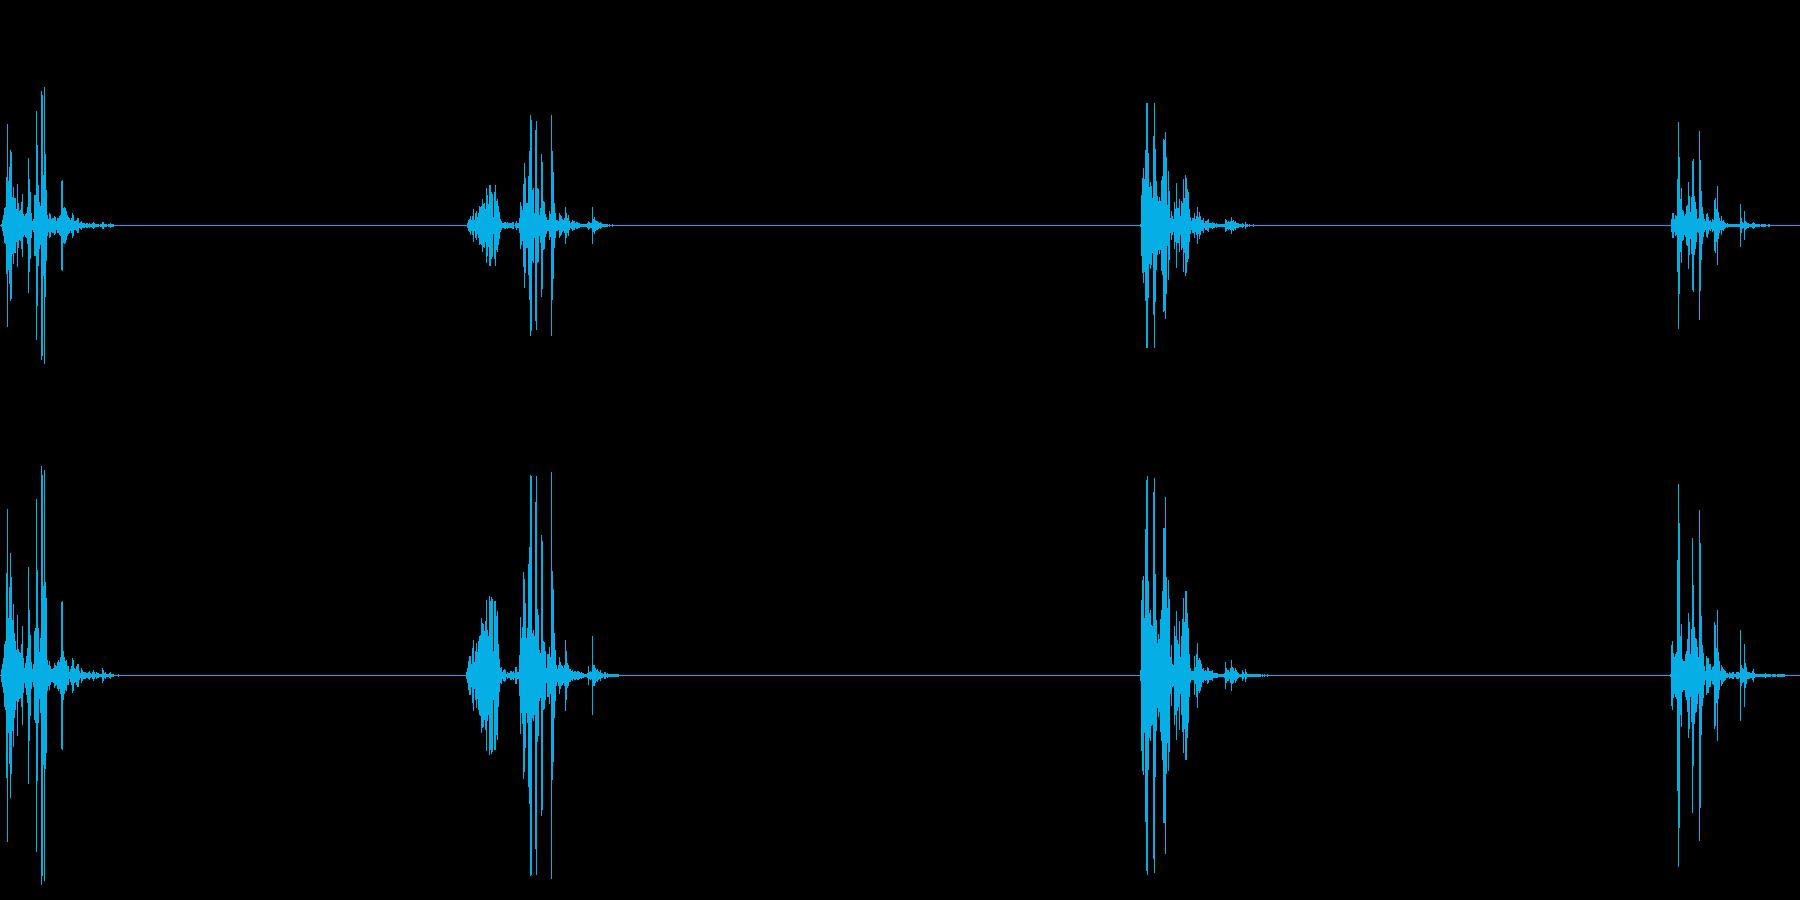 飲み込む音(ごっくん4回)の再生済みの波形